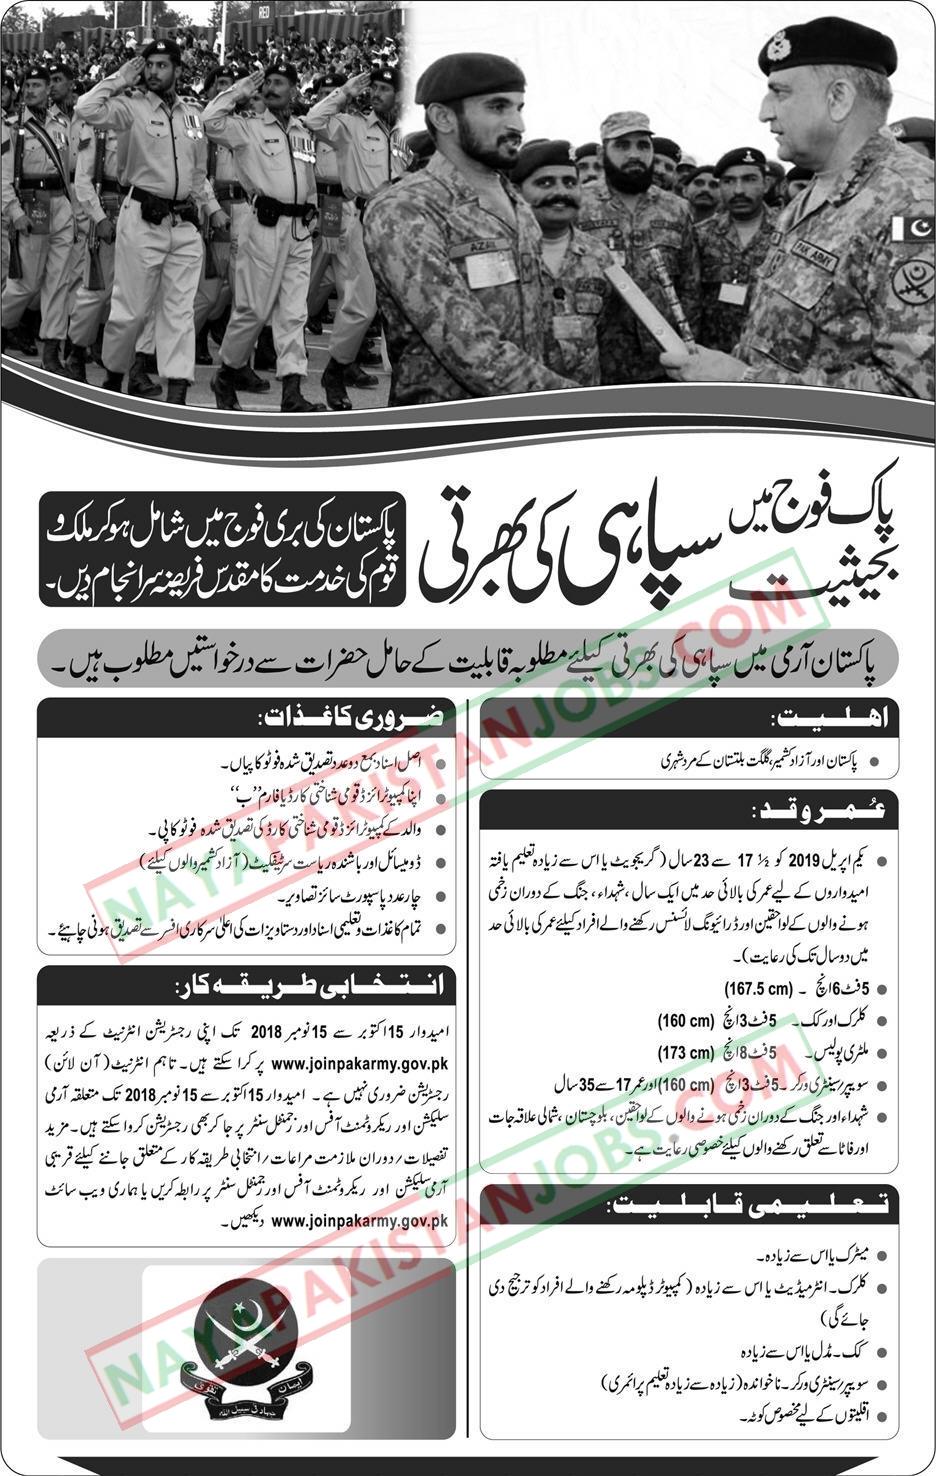 pak army jobs 2018, pak army jobs 2018 soldier, pak army jobs 2018 soldier last date, join pak army 2018, join pak army online registration 2018